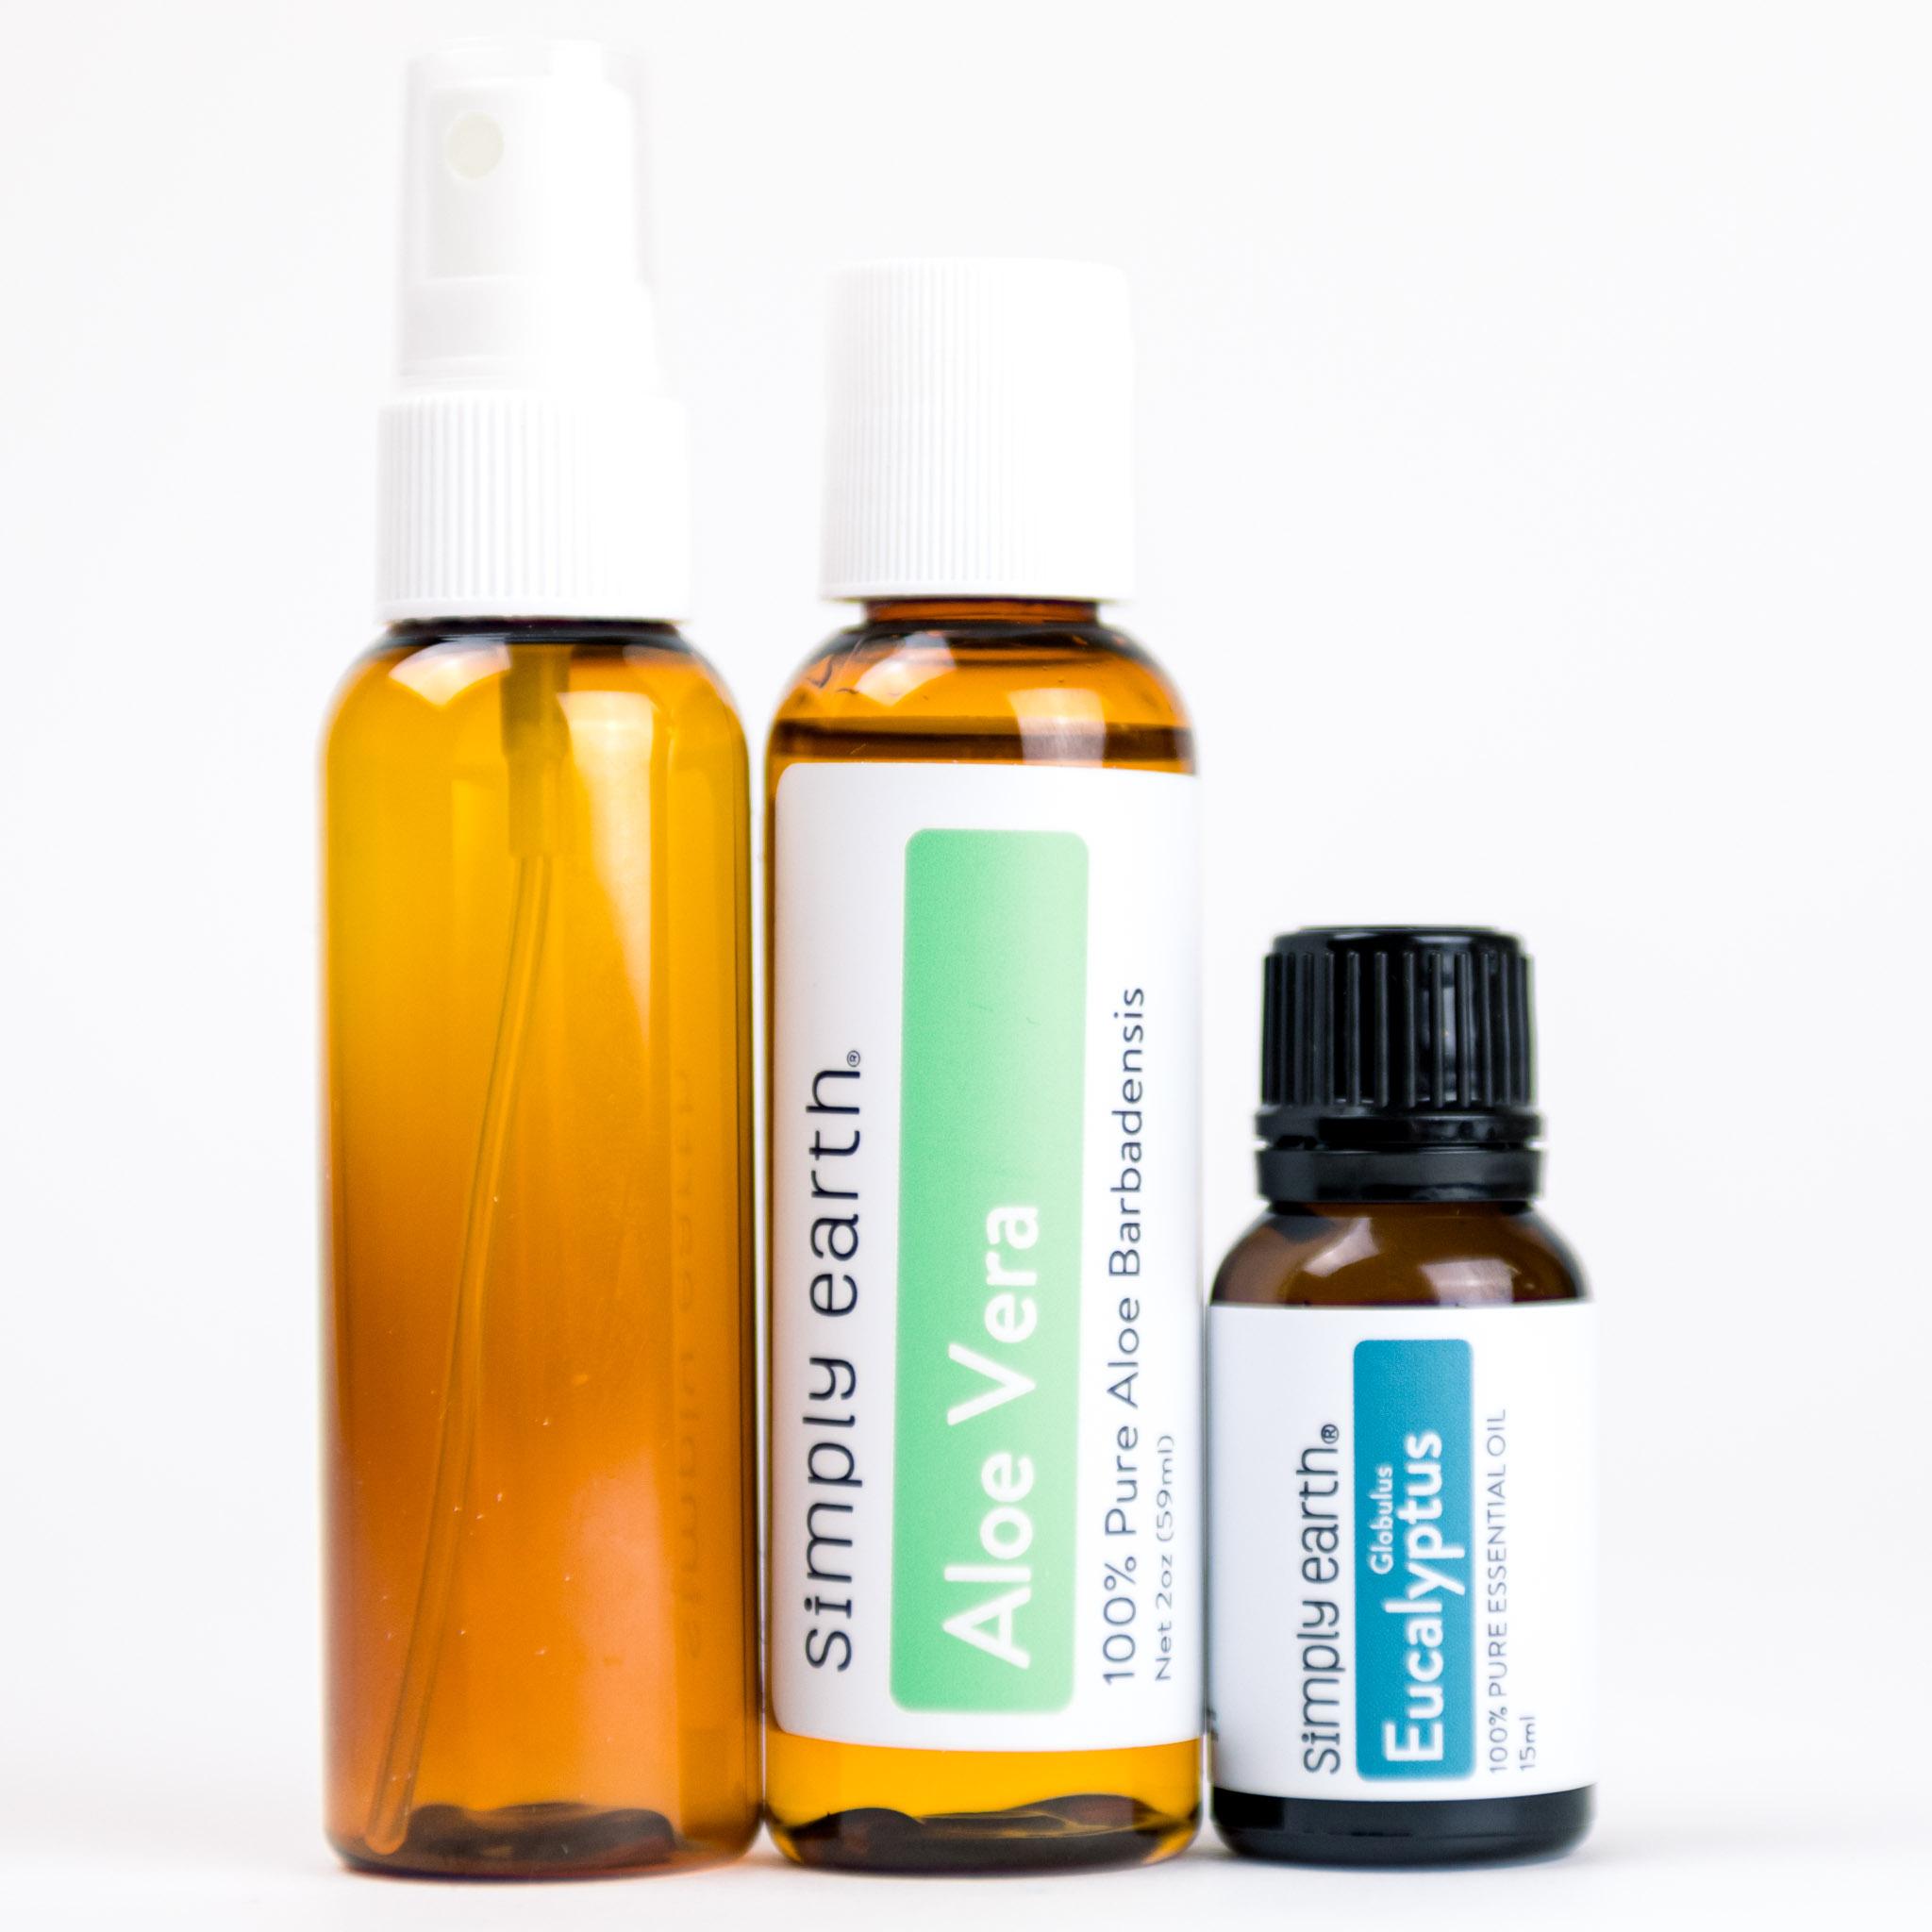 Hand Sanitizer Kit Oil: Eucalyptus